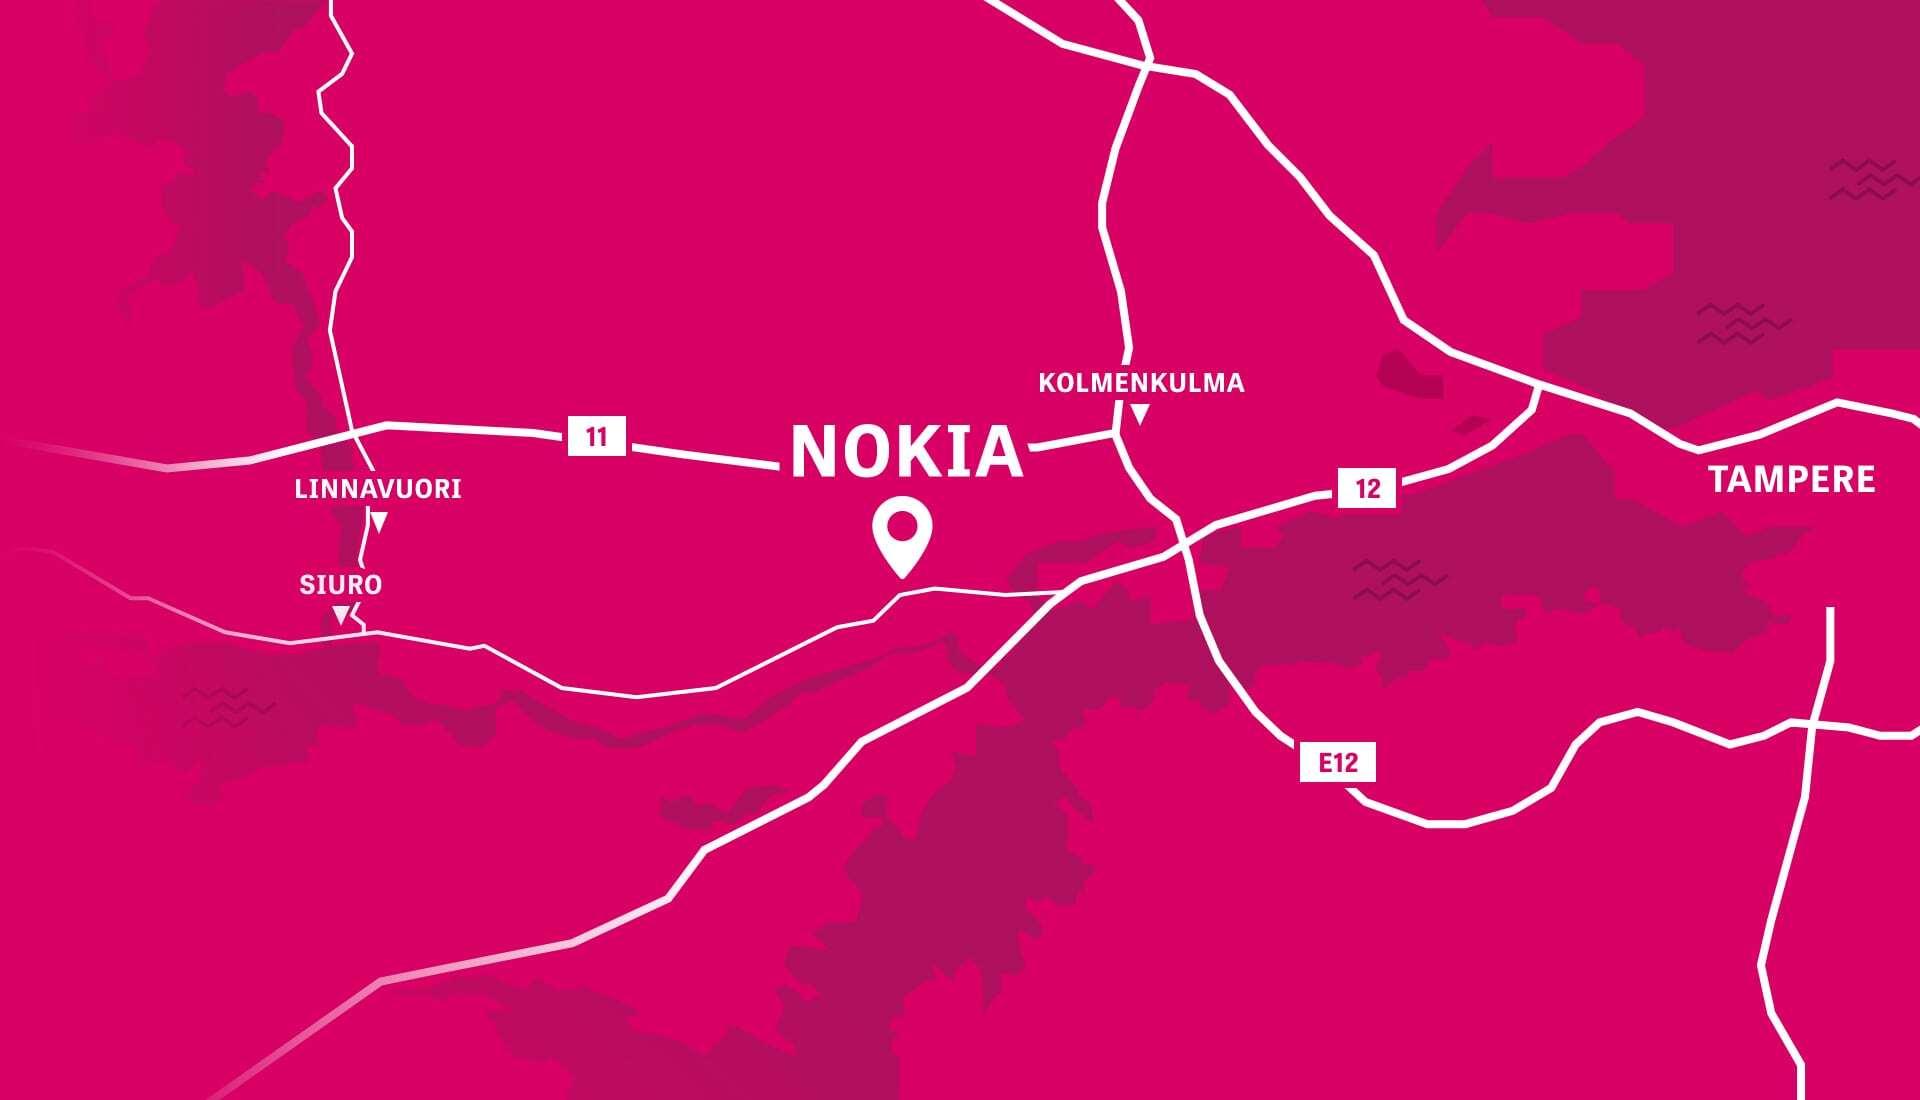 Visit Nokia kartta. Piirretty Nokian kartta, missä näkyy alueina Kolmenkulma, Linnavuori ja Siuro ja tiet 11, 12 ja E12. Ei etääisyysksiä eikä tarkempia teitä.